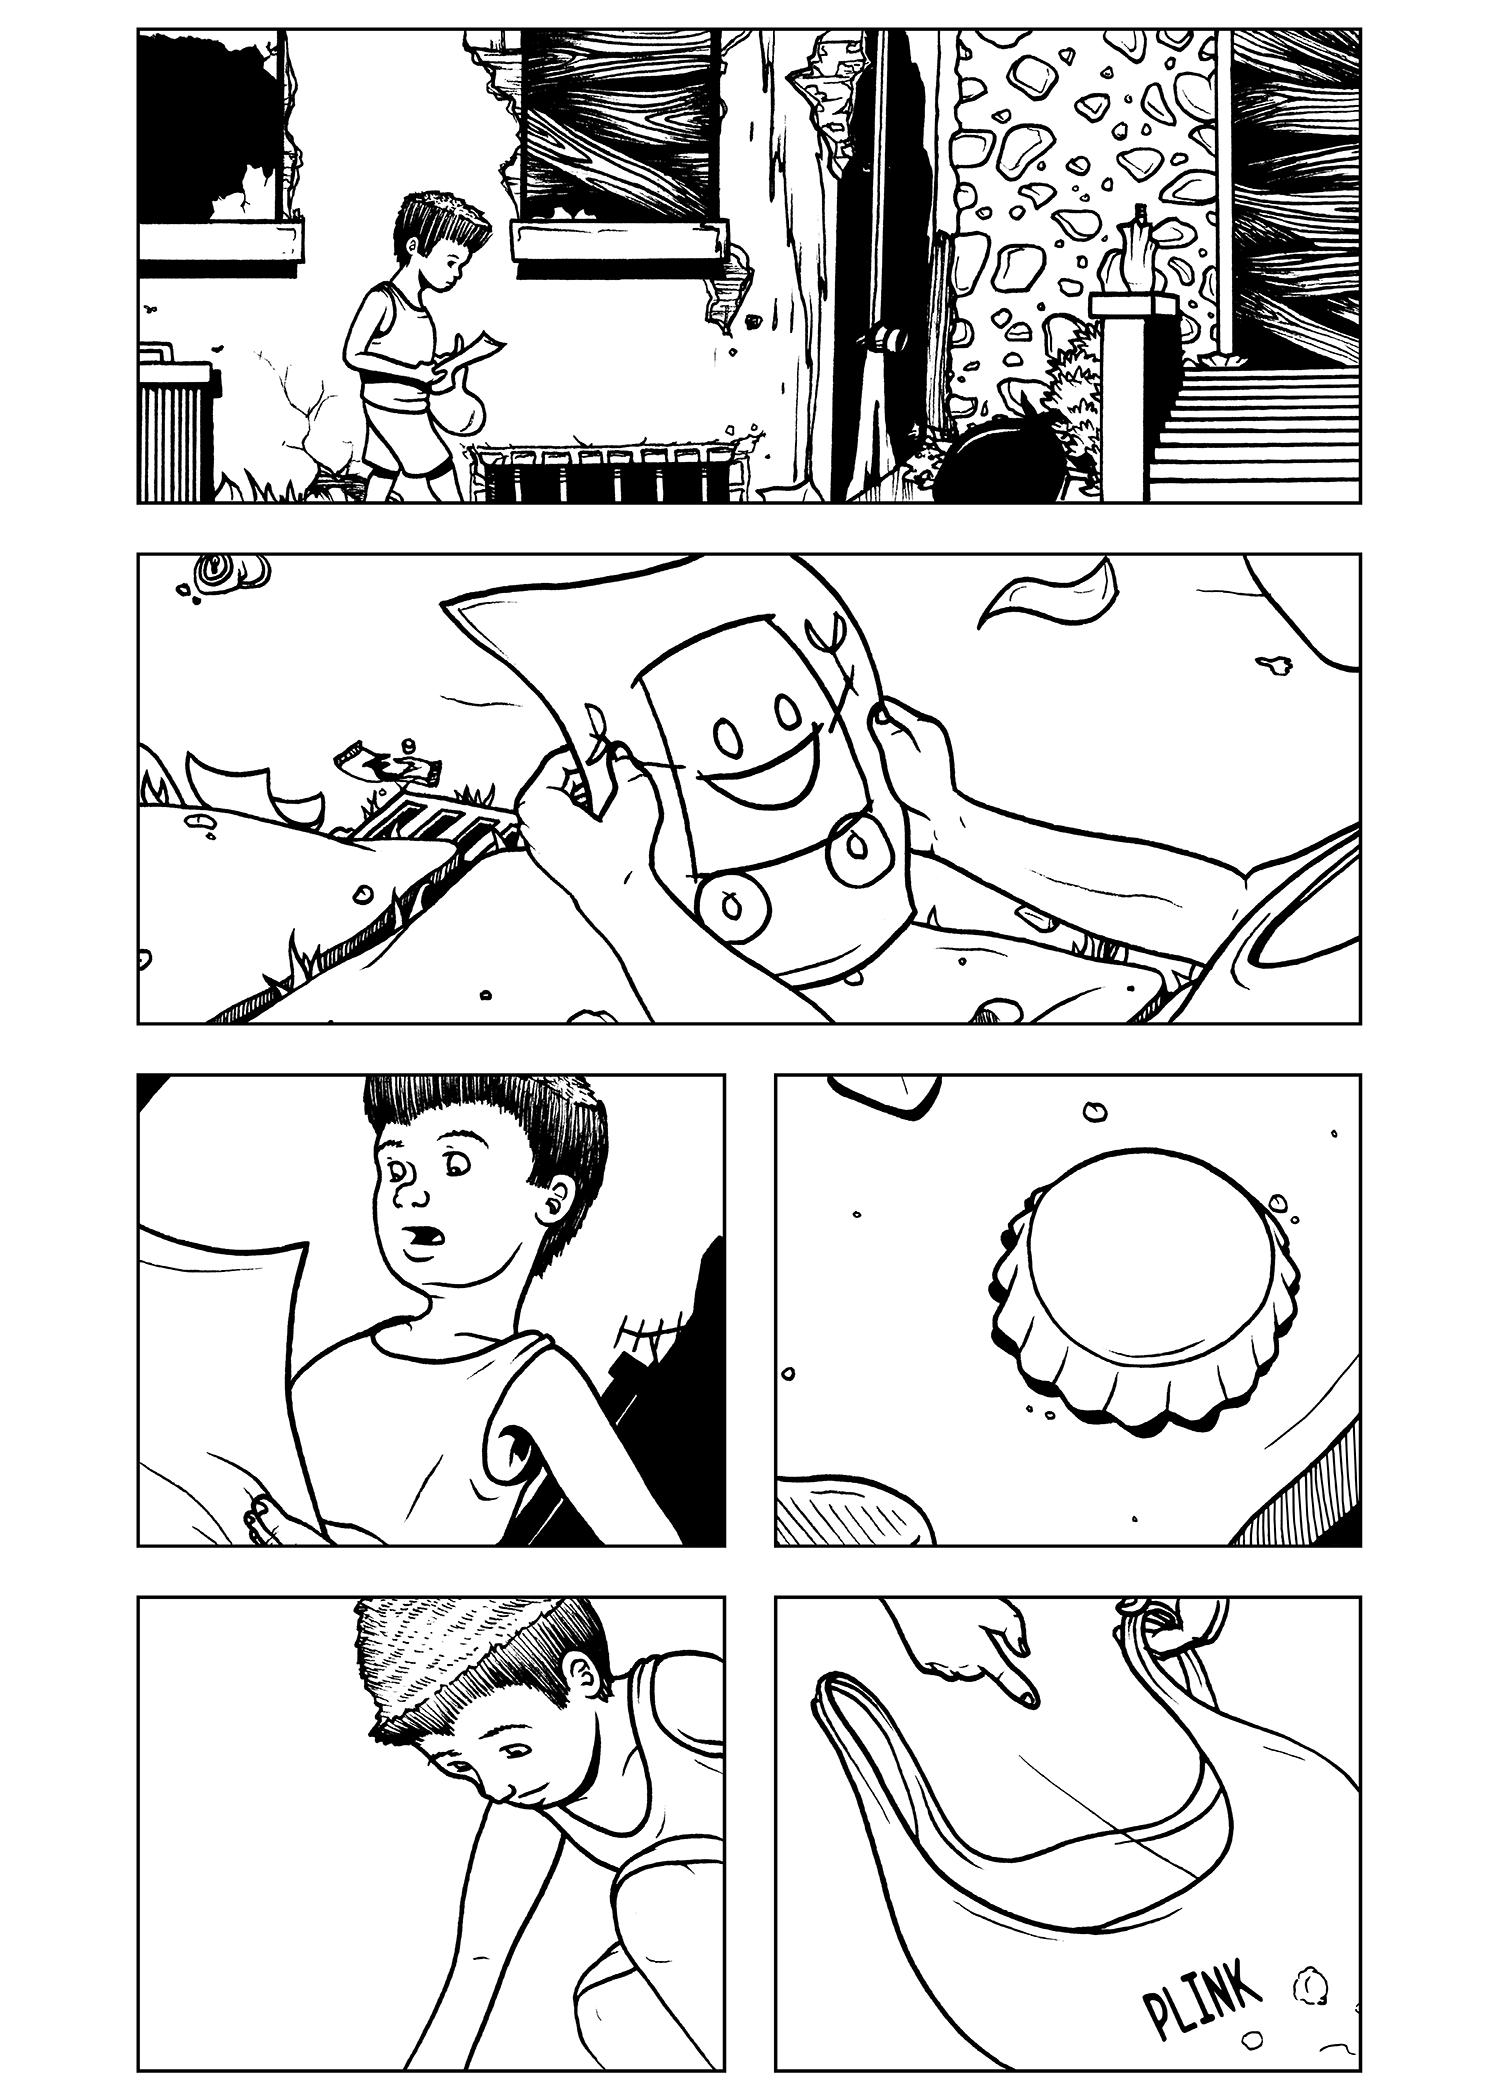 QWERTY_comic_20